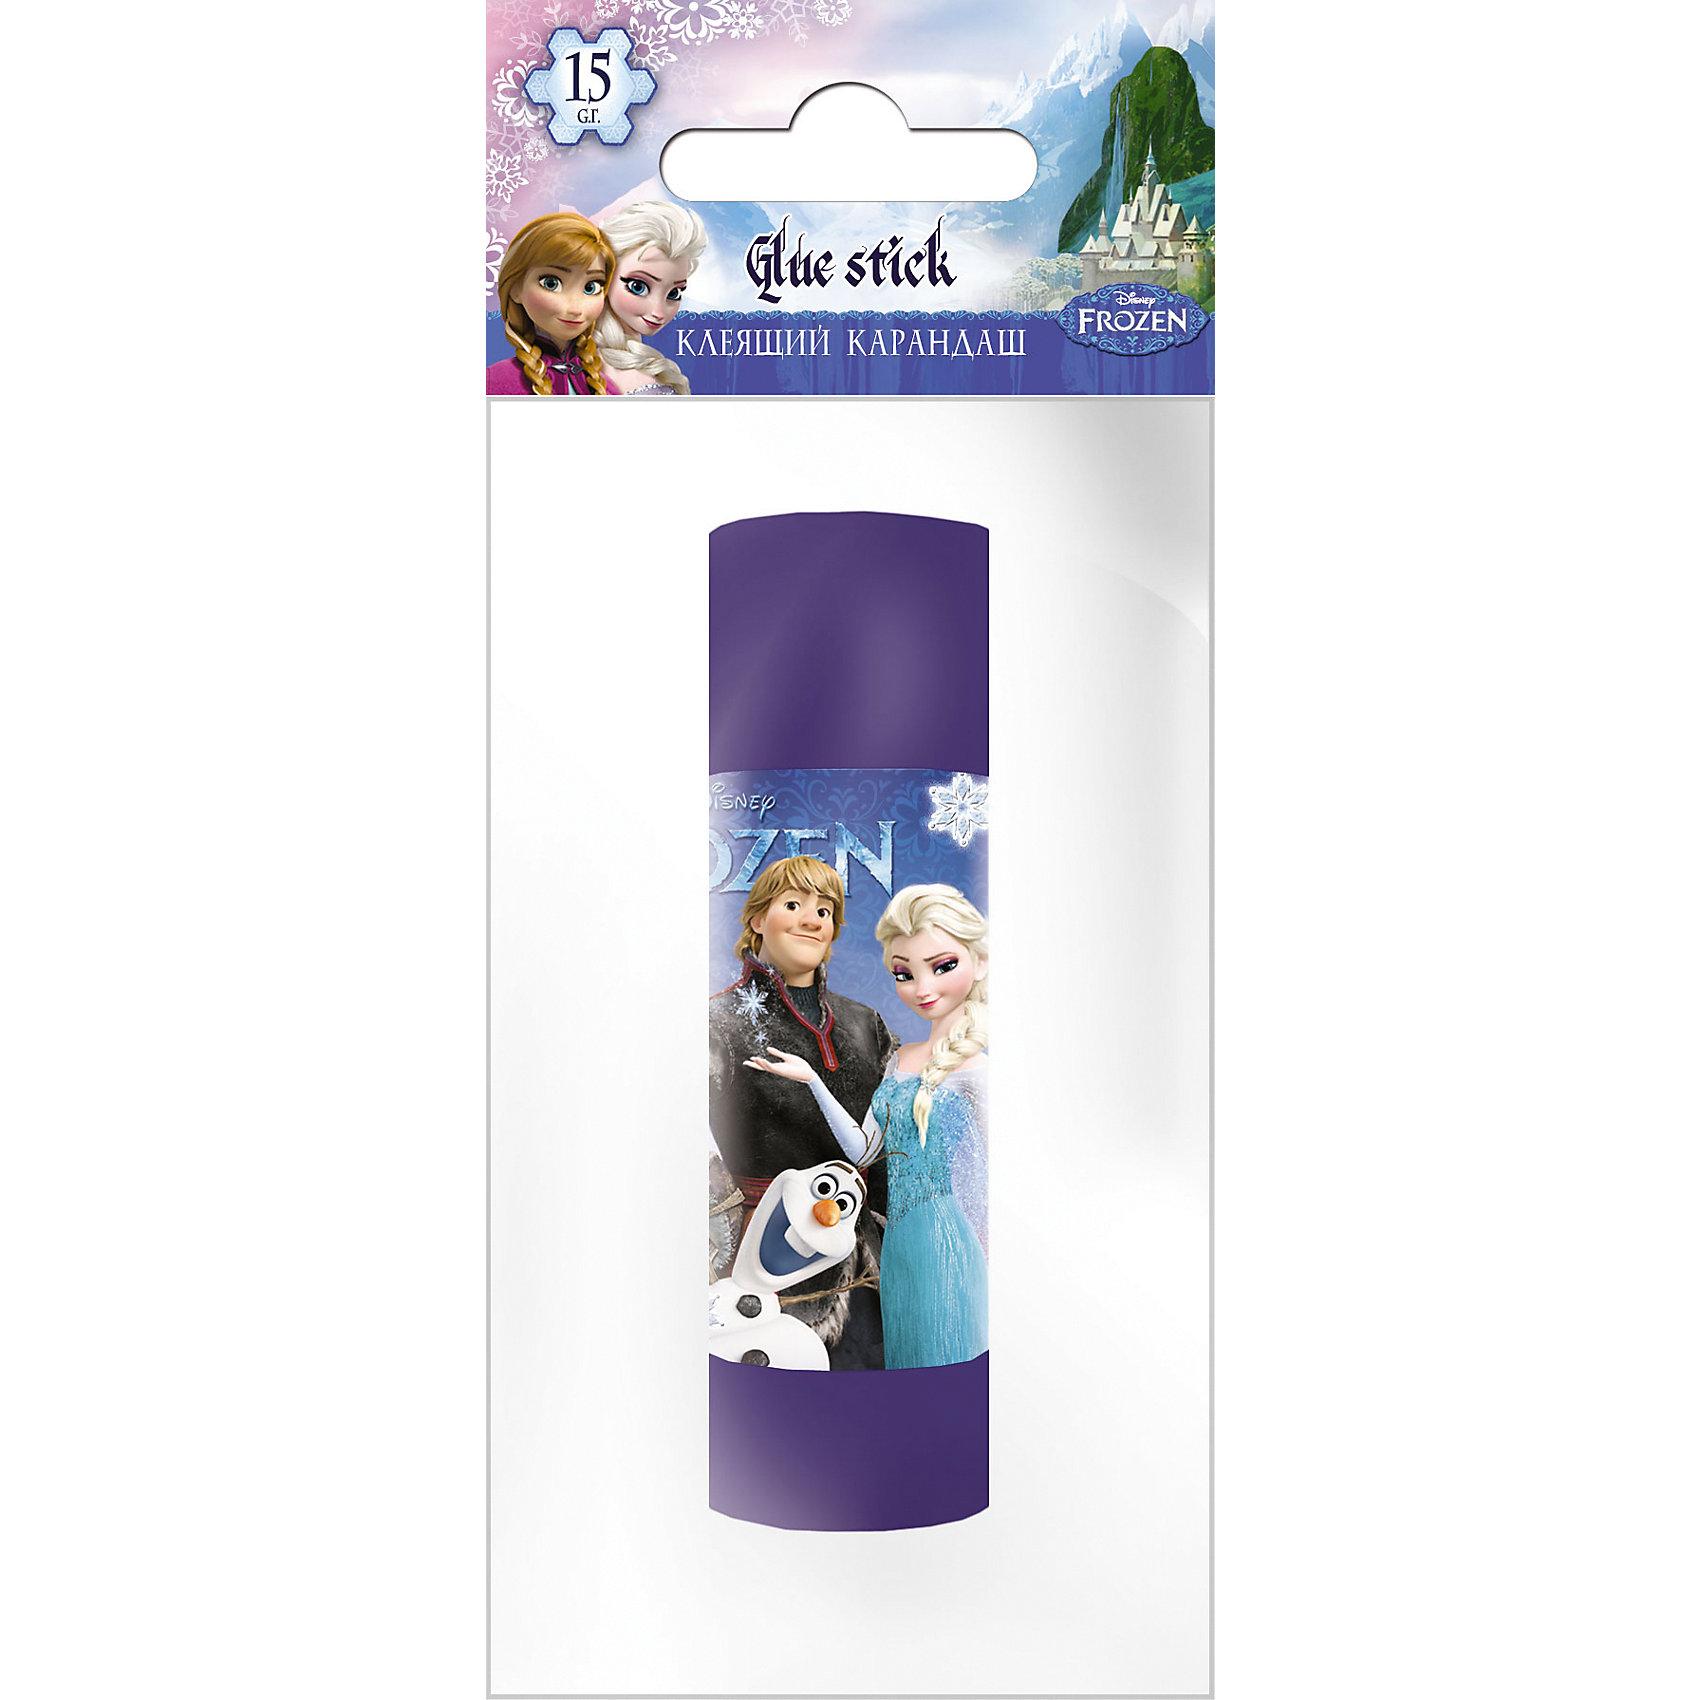 Клеящий карандаш Холодное сердцеХолодное сердце<br>Клеящий карандаш с любимой героиней обязательно понравится девочкам и сделает процесс творчества еще более интересным и желанным.<br><br>Дополнительная информация:<br><br>- Материал: клей, пластик. <br>- Размер упаковки: 14,5х6,5х2,5 см<br>- Вес: 15 г.<br><br>Клеящий карандаш Холодное сердце (Frozen) можно купить в нашем магазине.<br><br>Ширина мм: 25<br>Глубина мм: 65<br>Высота мм: 145<br>Вес г: 35<br>Возраст от месяцев: 48<br>Возраст до месяцев: 84<br>Пол: Женский<br>Возраст: Детский<br>SKU: 4381377